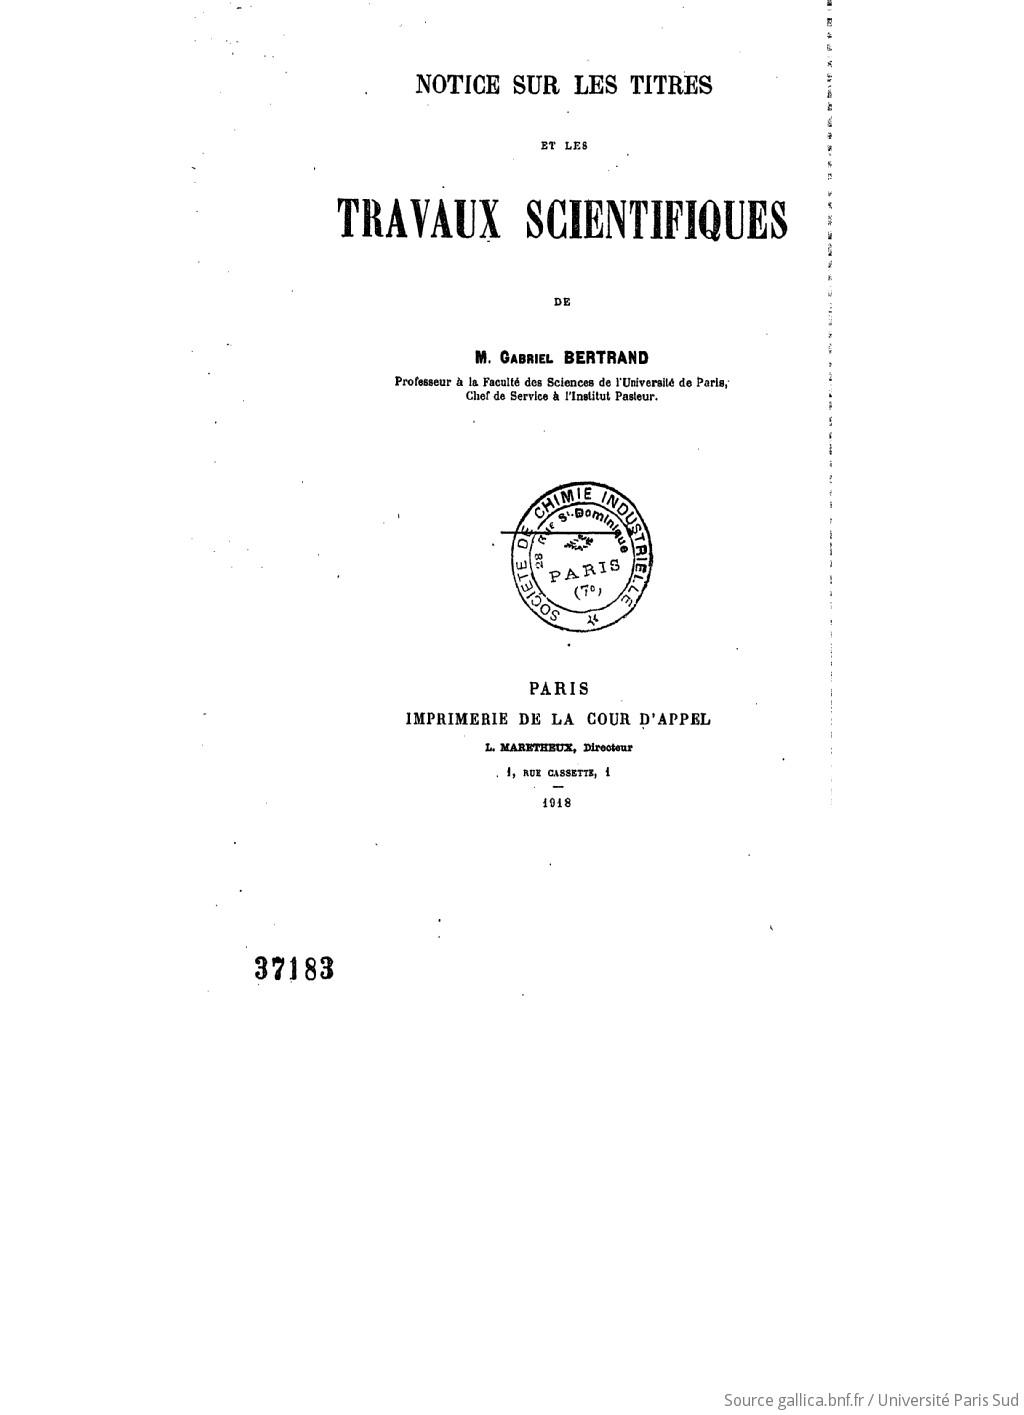 Notice sur les titres et les travaux scientifiques de M. Gabriel Bertrand